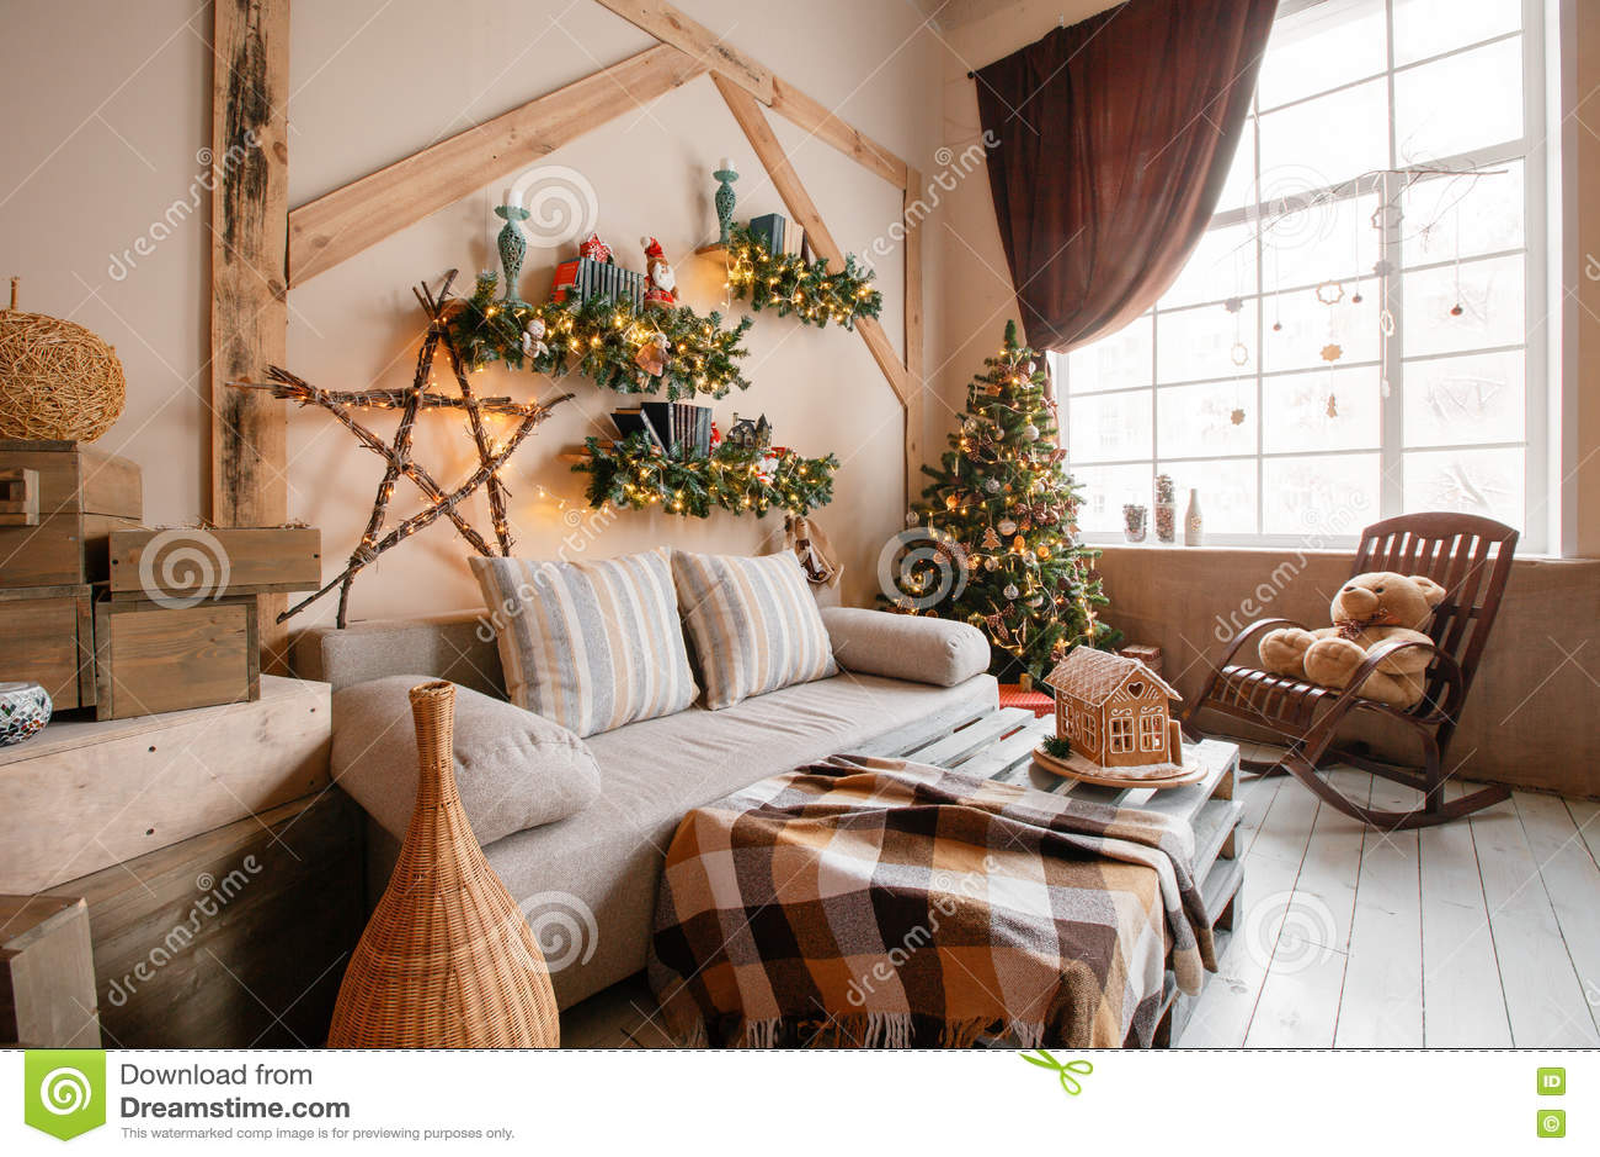 Спокойное изображение внутренней современной домашней живущей комнаты украсило рождественскую елку и подарки, софу, таблицу покры